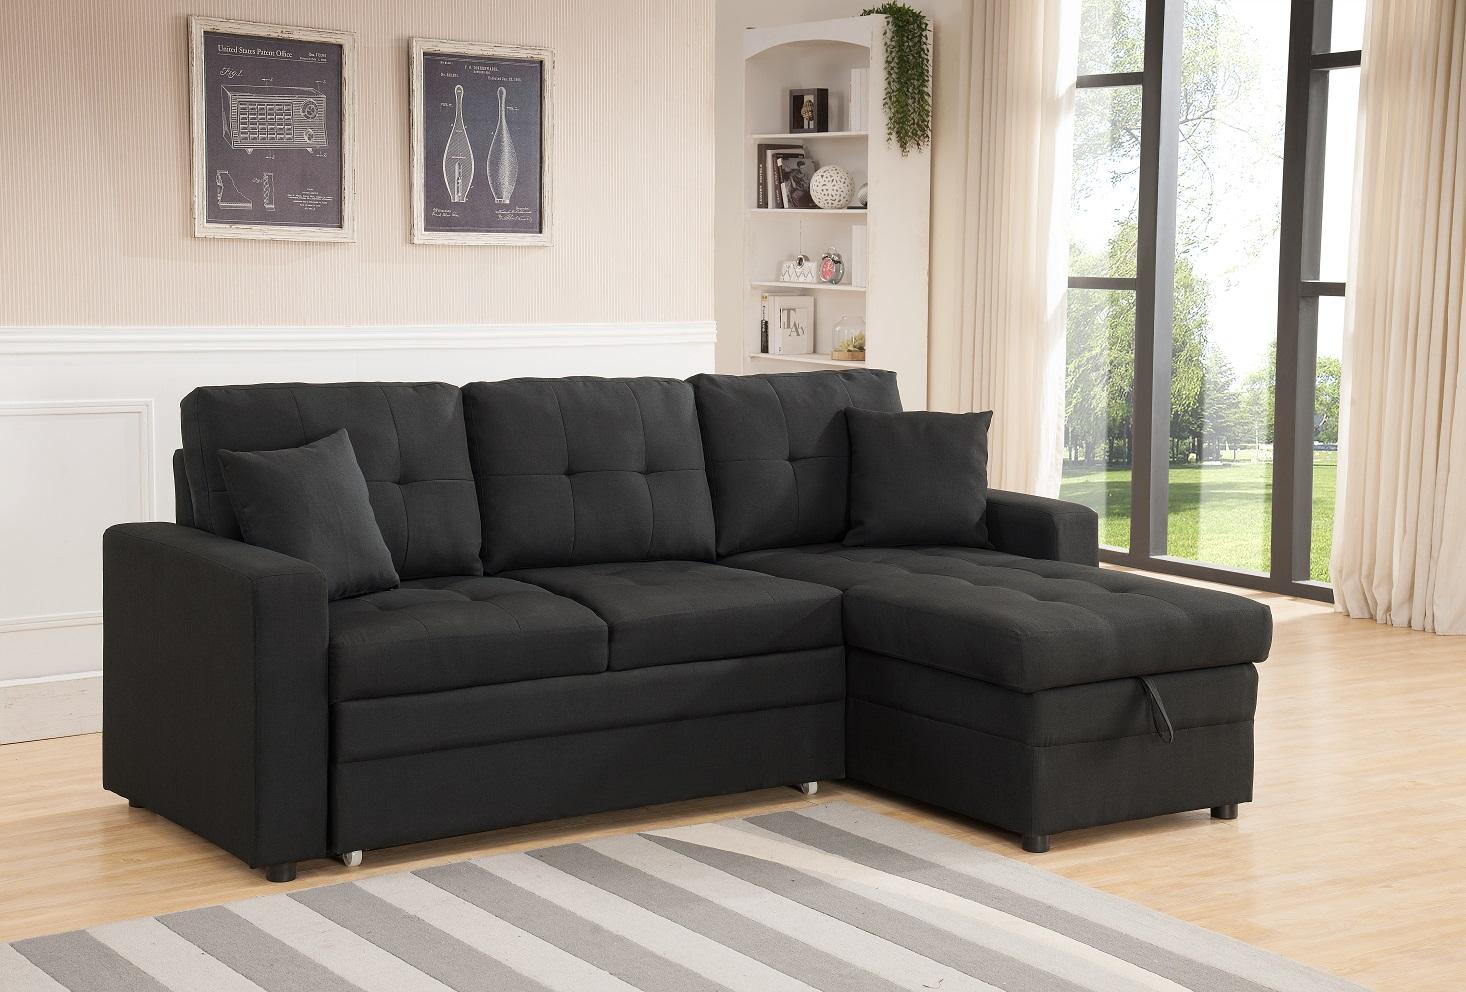 Peachy 8008 Black Linen Pull Out Sectional Sofa 8008 Bk Milton Inzonedesignstudio Interior Chair Design Inzonedesignstudiocom